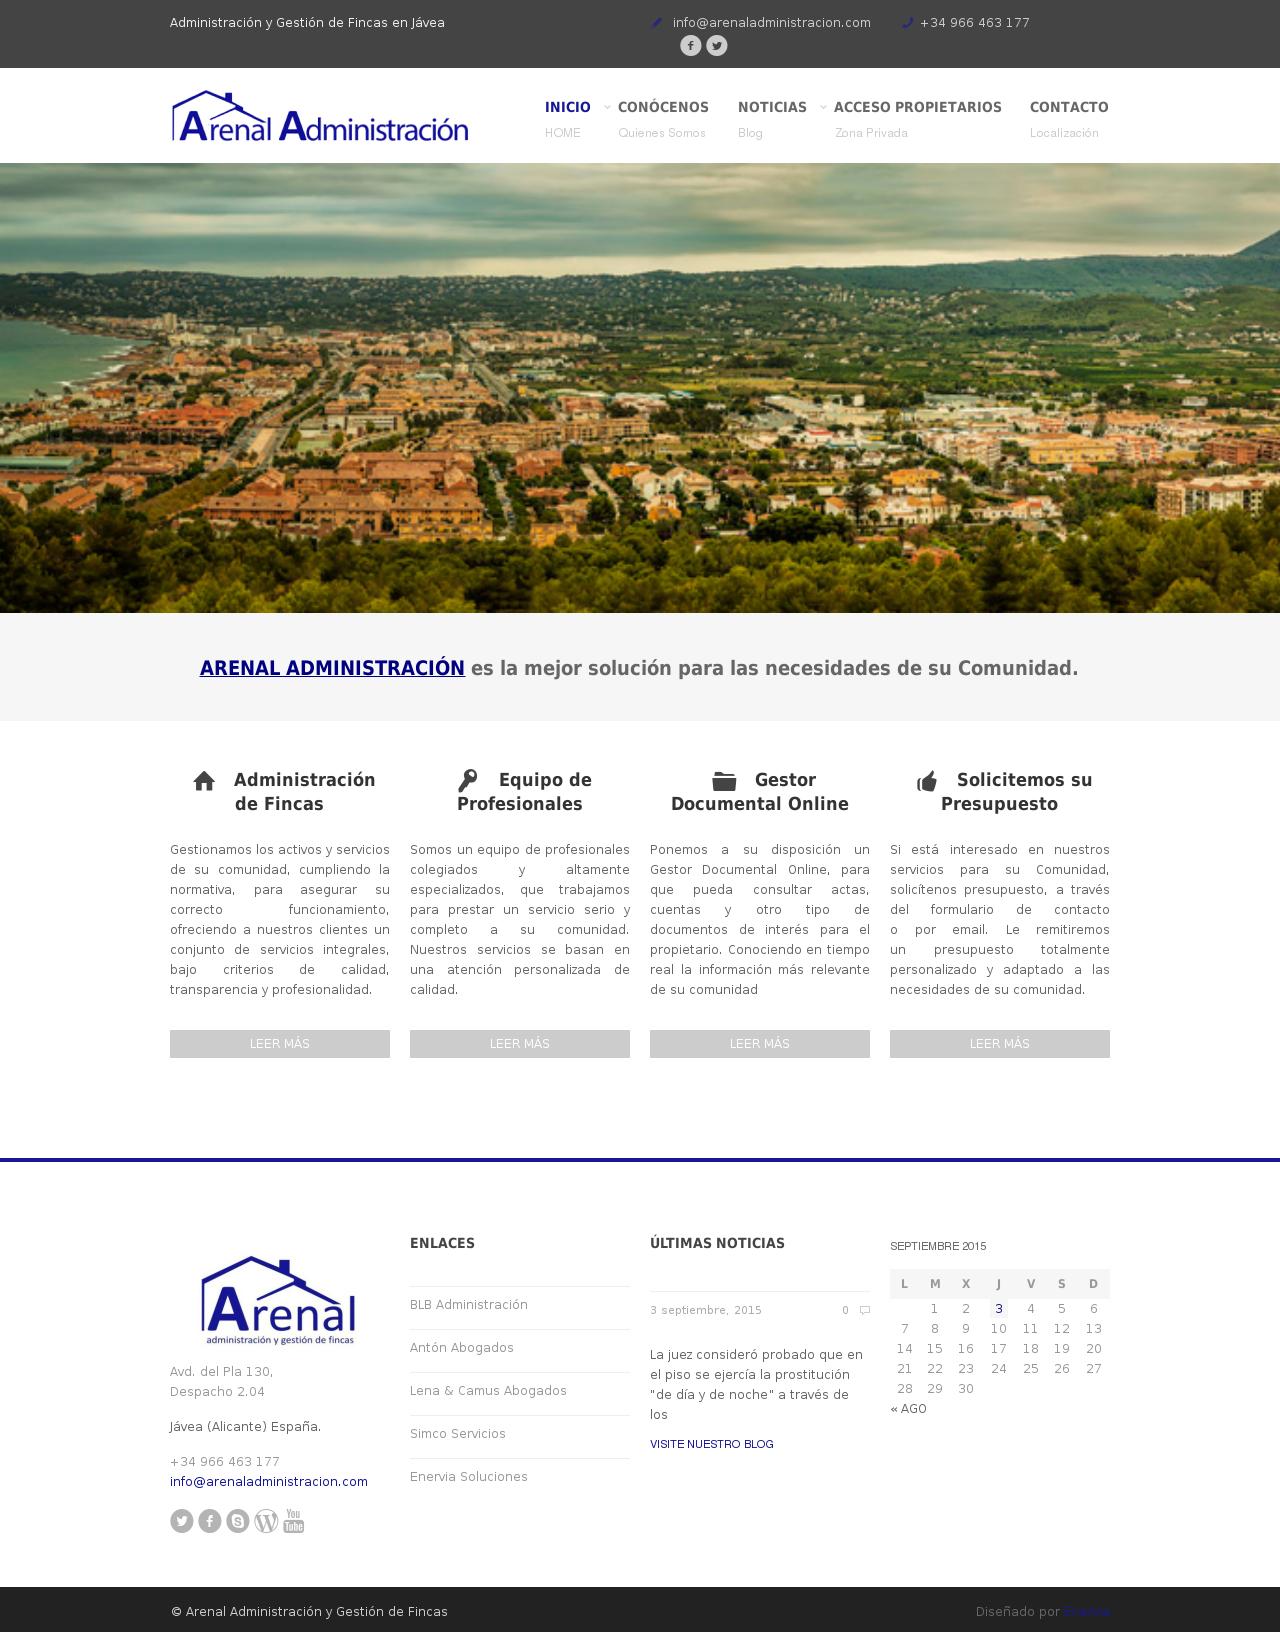 arenaladministracion.com-20150909-28cf2d6c52ee5c0cd8043de4af2e2fd4